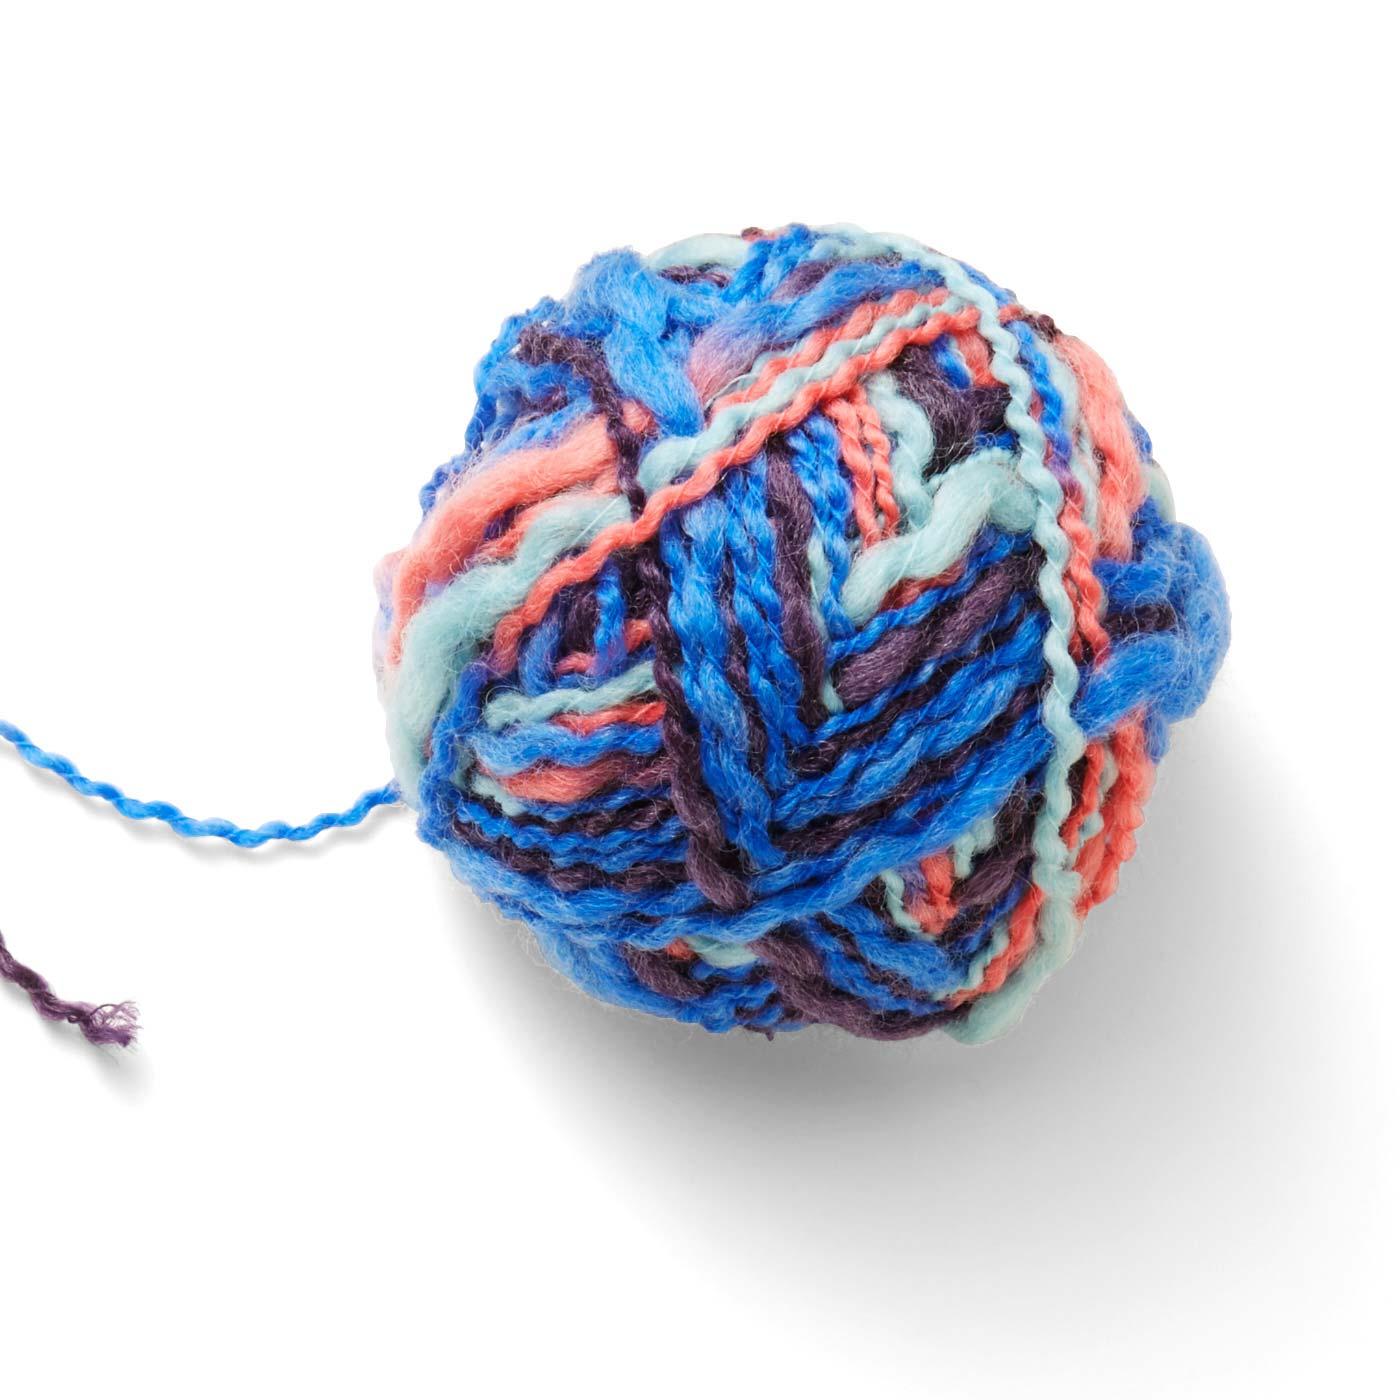 オリジナルカラーの段染め糸や単色糸は、毛糸の太さもさまざま。多少の失敗も目立たない毛糸を選びました。